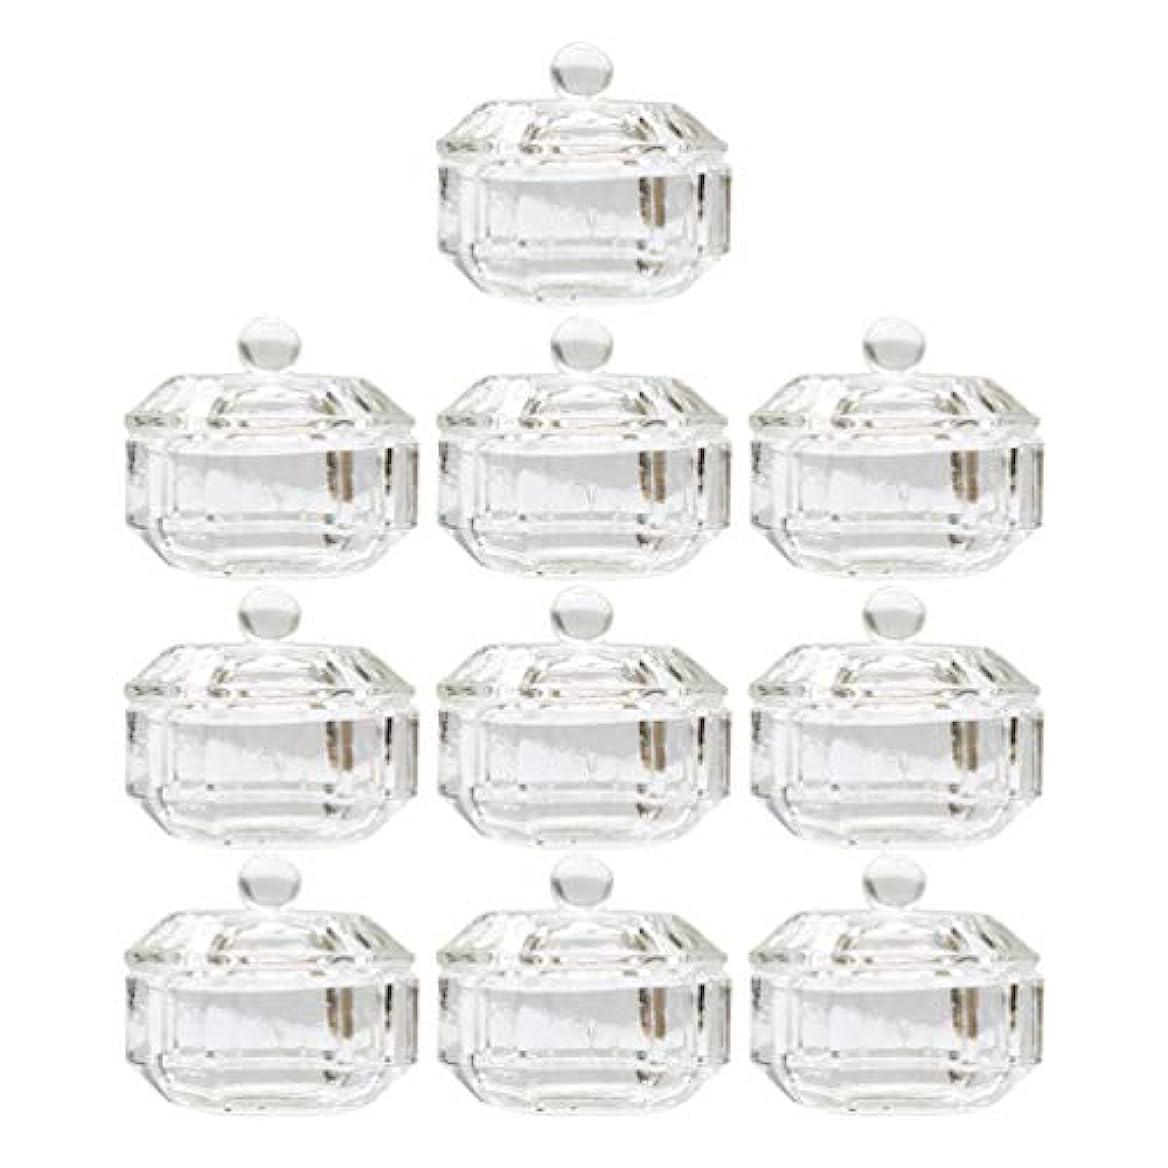 ワイプハグ帰するLurrose 10ピースネイルアクリル液体カップアクリル液体粉末ダッペン皿ガラスクリスタルカップガラス製品ツール用蓋容器付きネイルアート